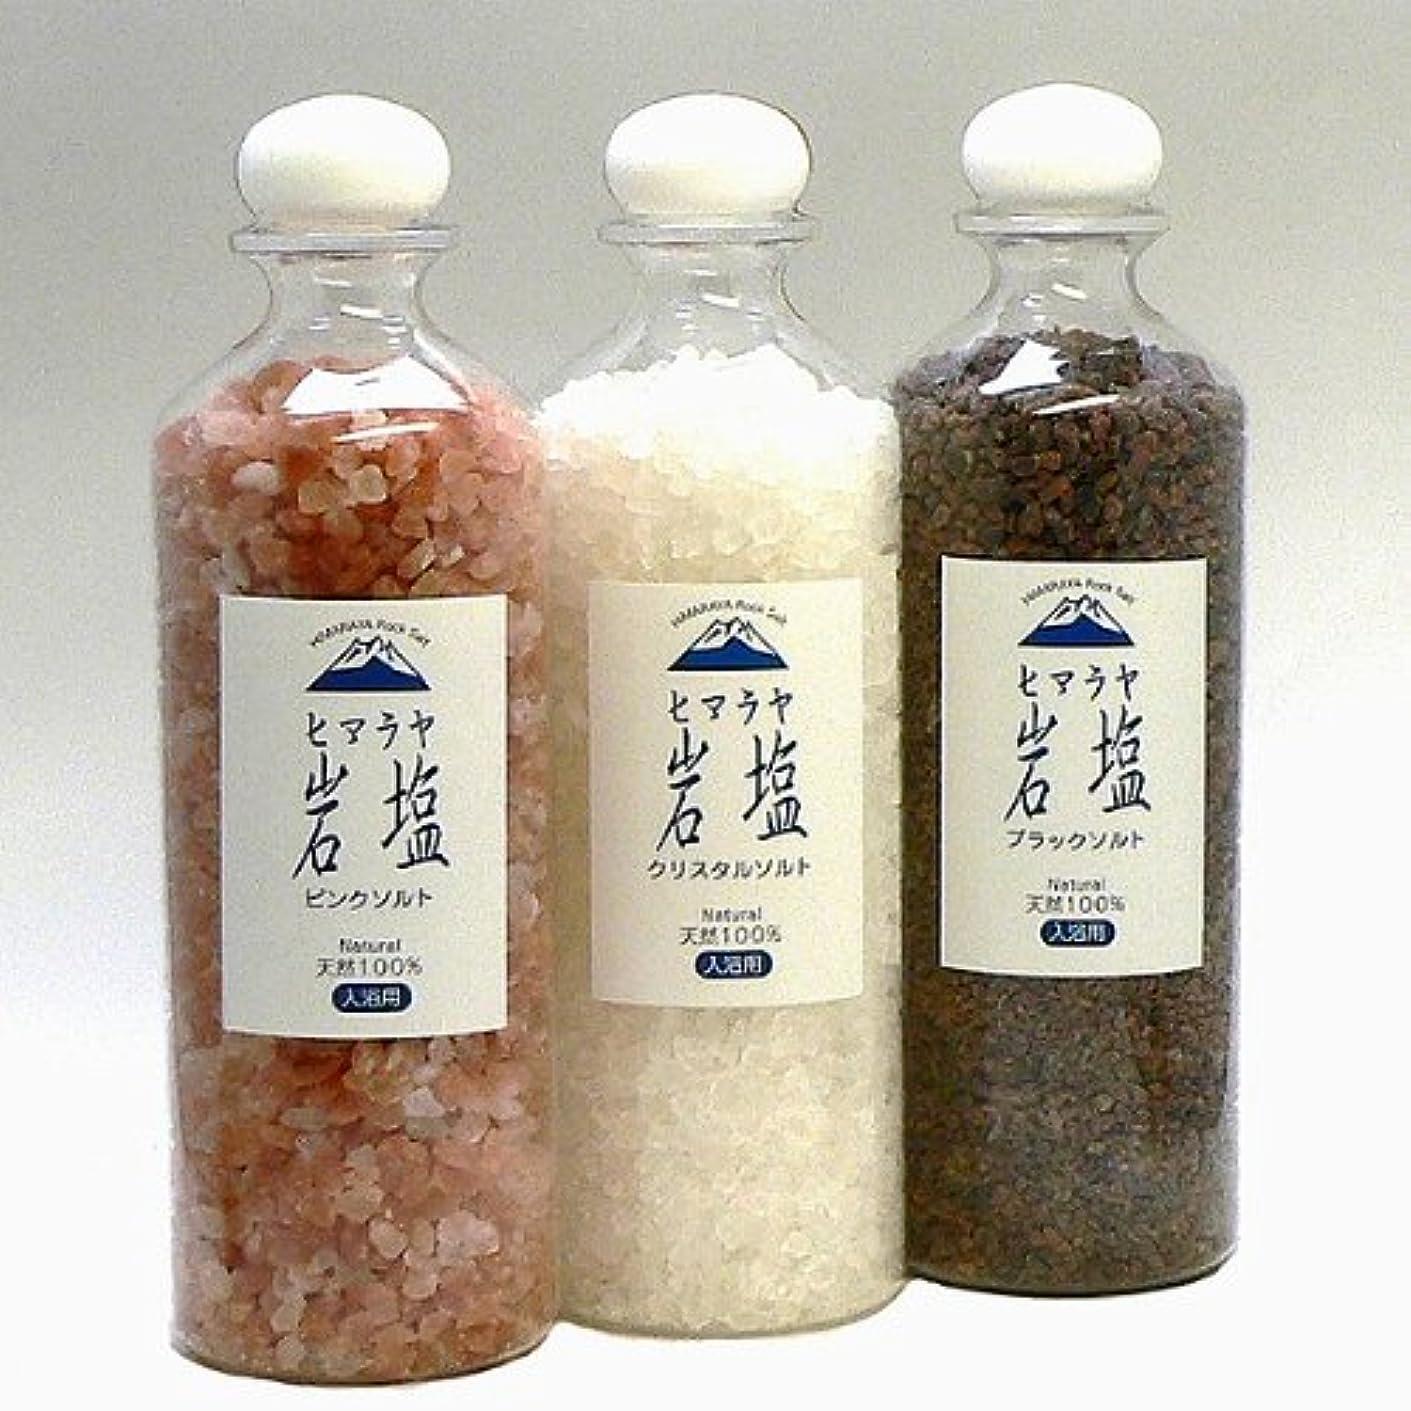 液体稼ぐ抵抗力があるヒマラヤ岩塩(ピンク岩塩?クリスタル岩塩?ブラック岩塩)入浴用(小粒)ボトル入りセット